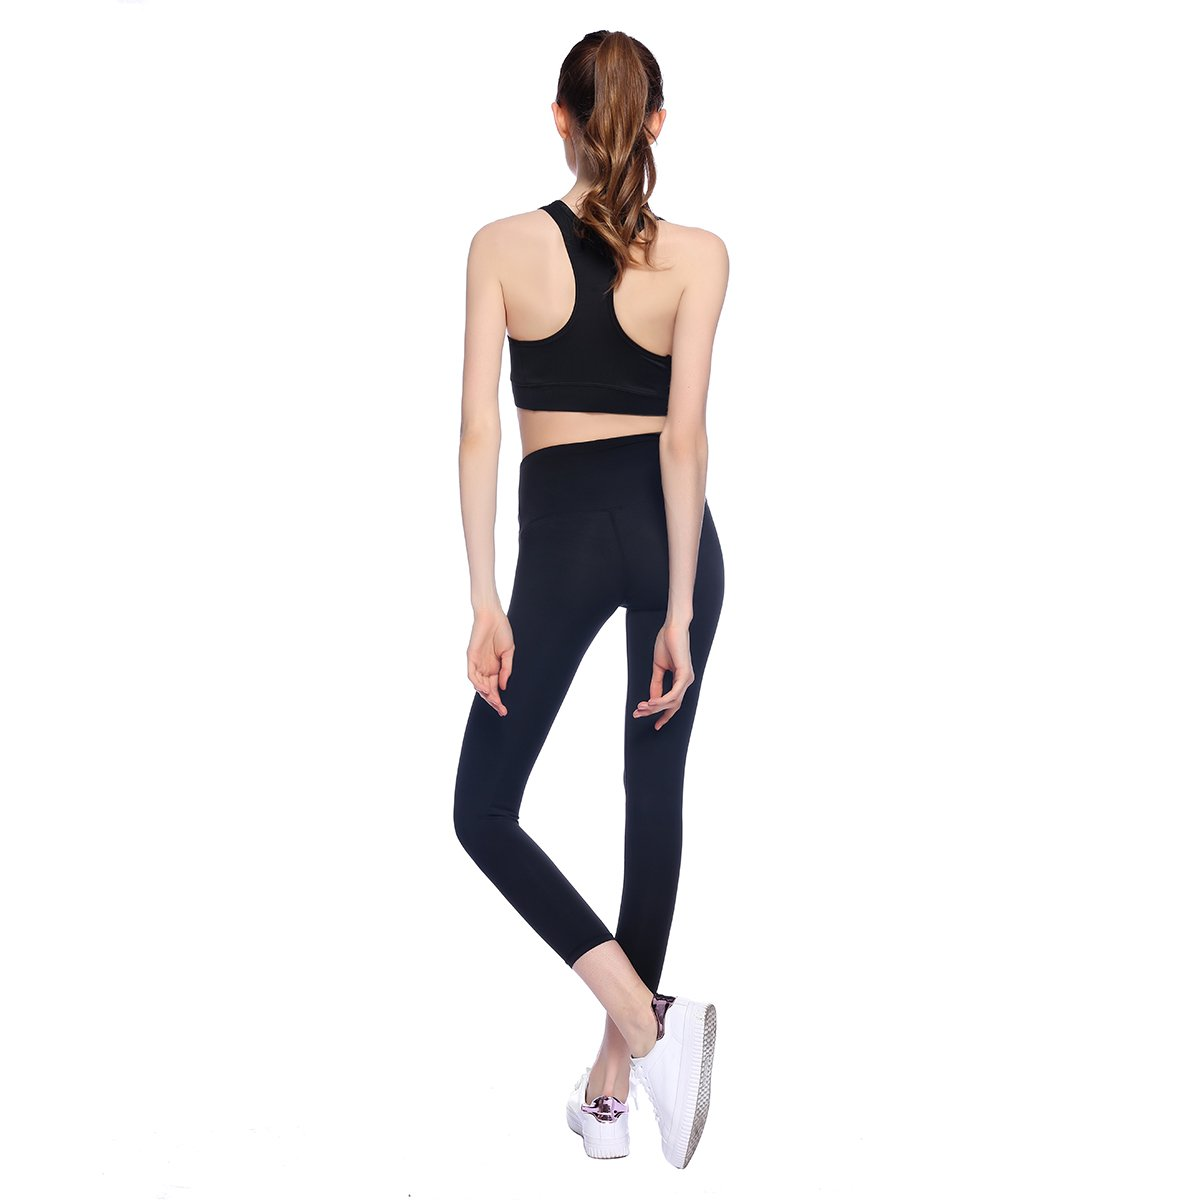 Amazon.com: bonjanvye correr brasier y Activewear pantalones ...